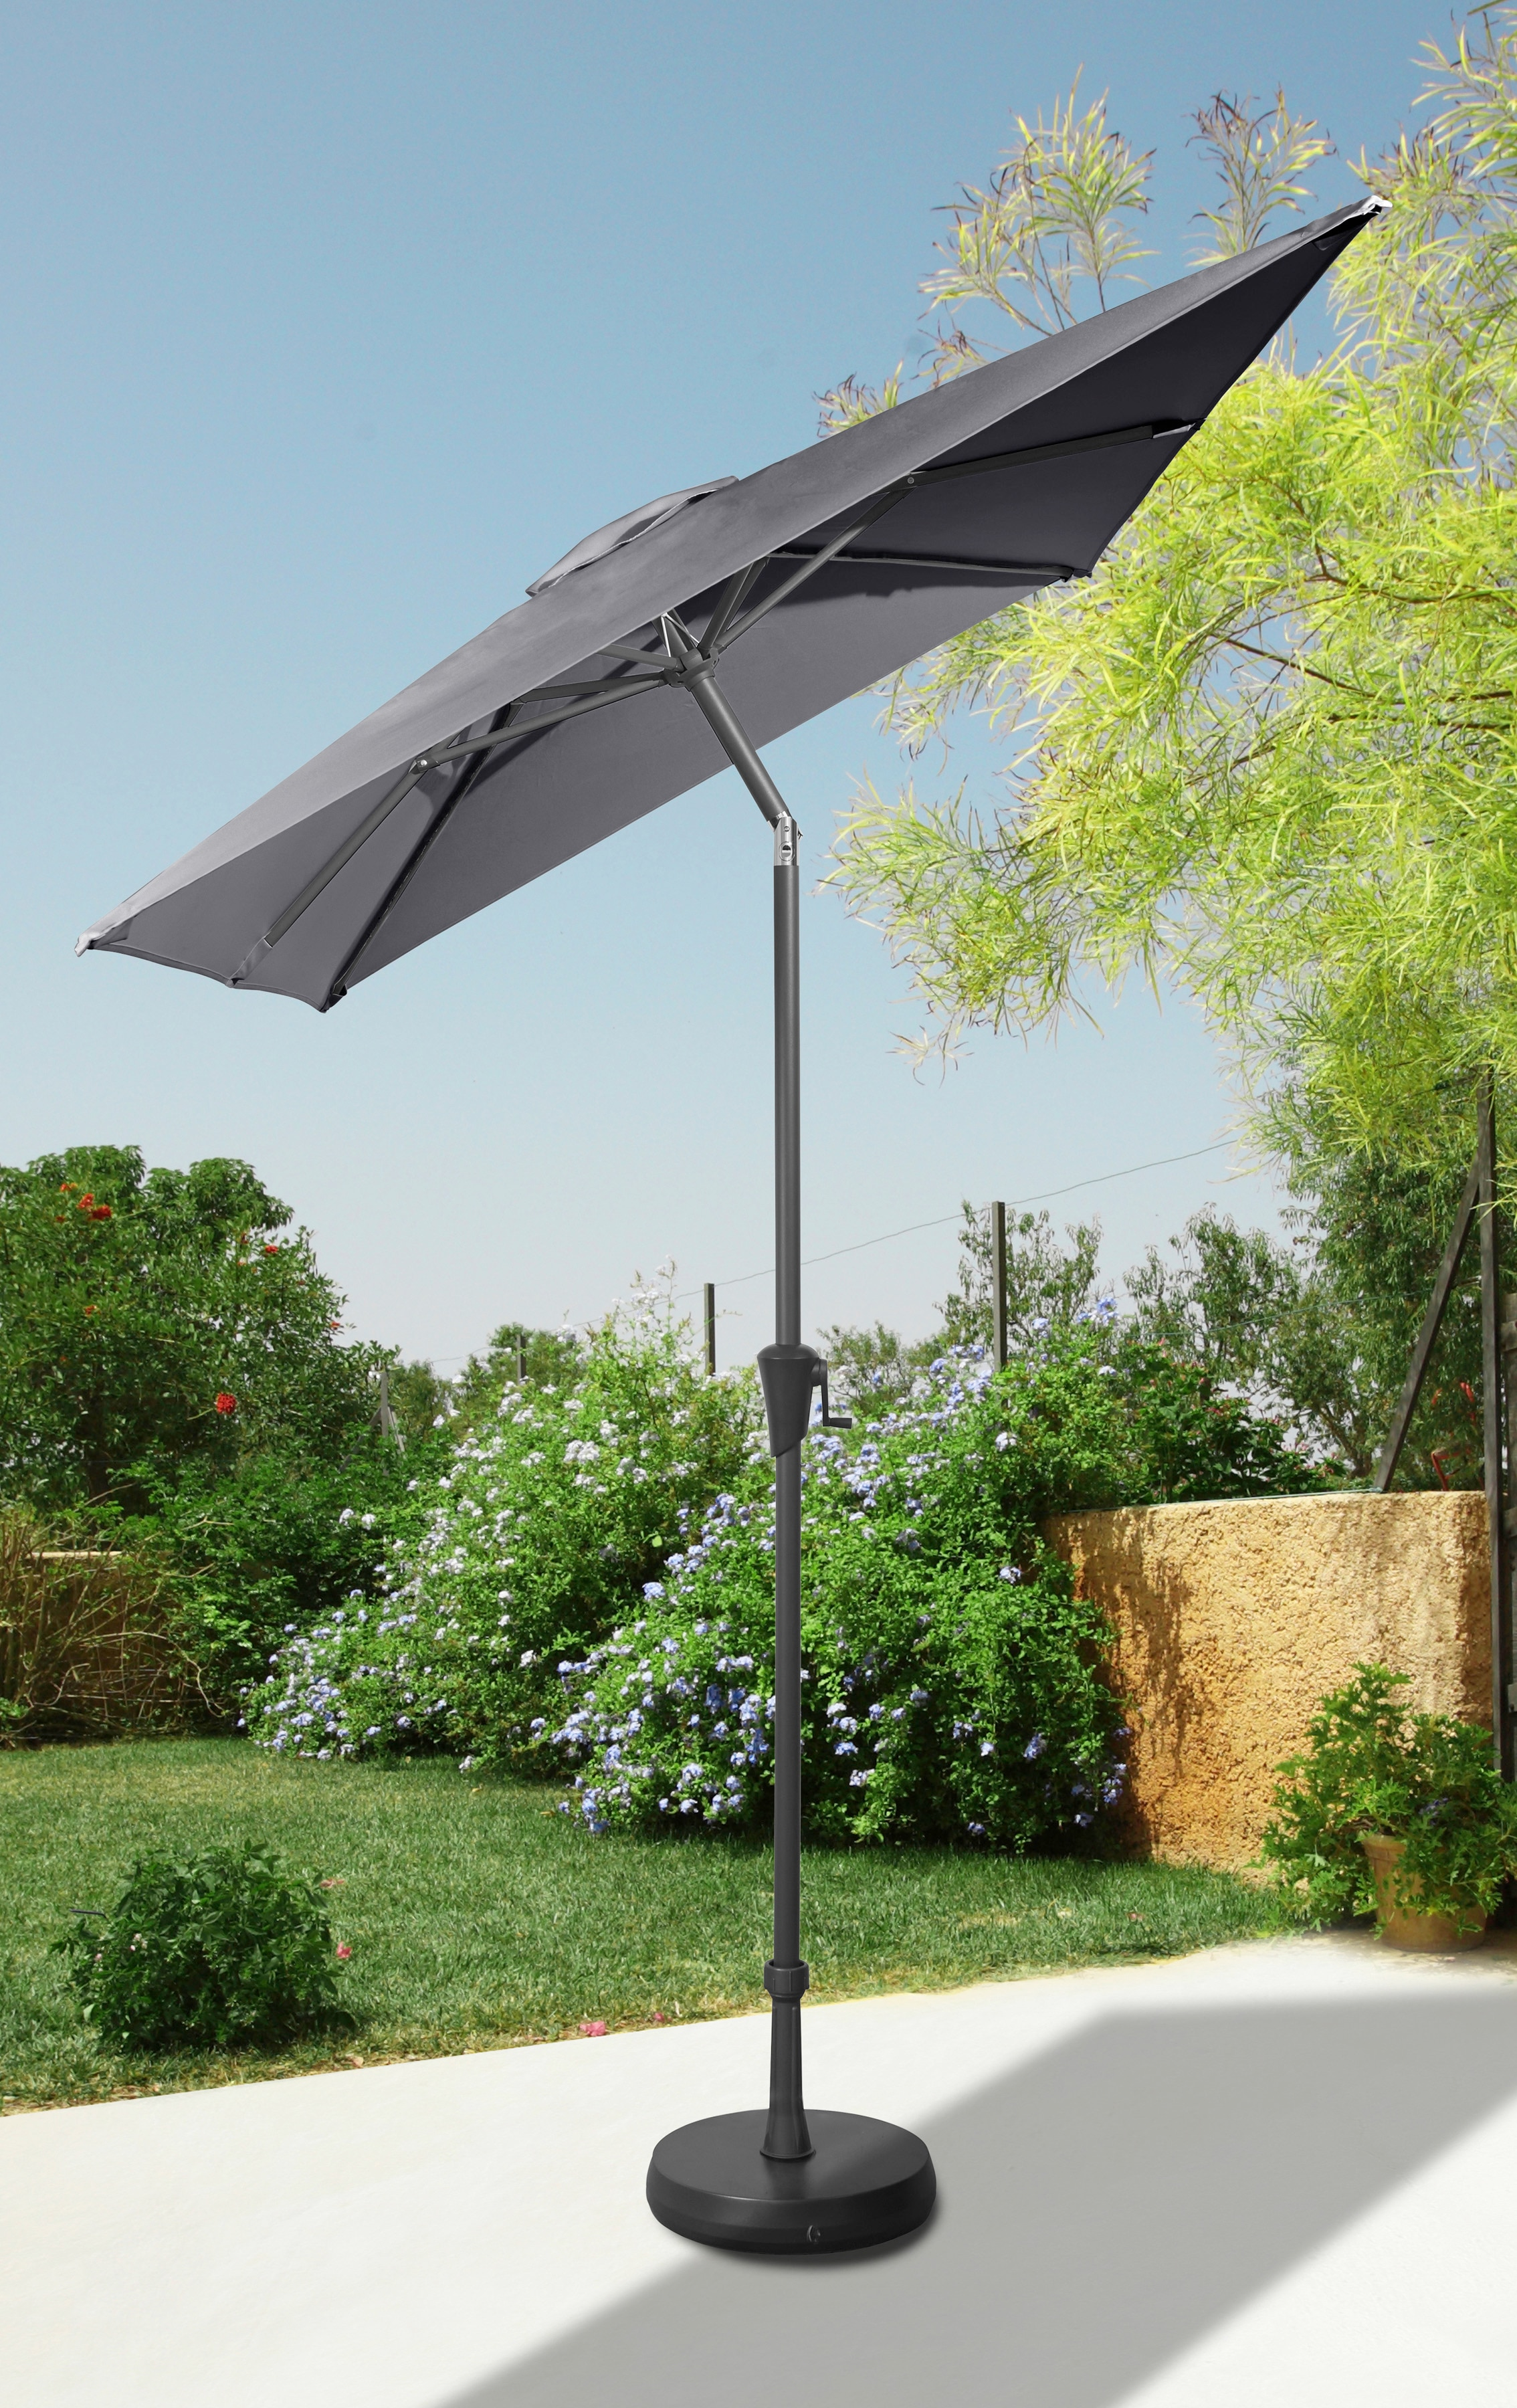 garten gut Sonnenschirm, abknickbar, ohne Schirmständer grau Sonnenschirme -segel Gartenmöbel Gartendeko Sonnenschirm